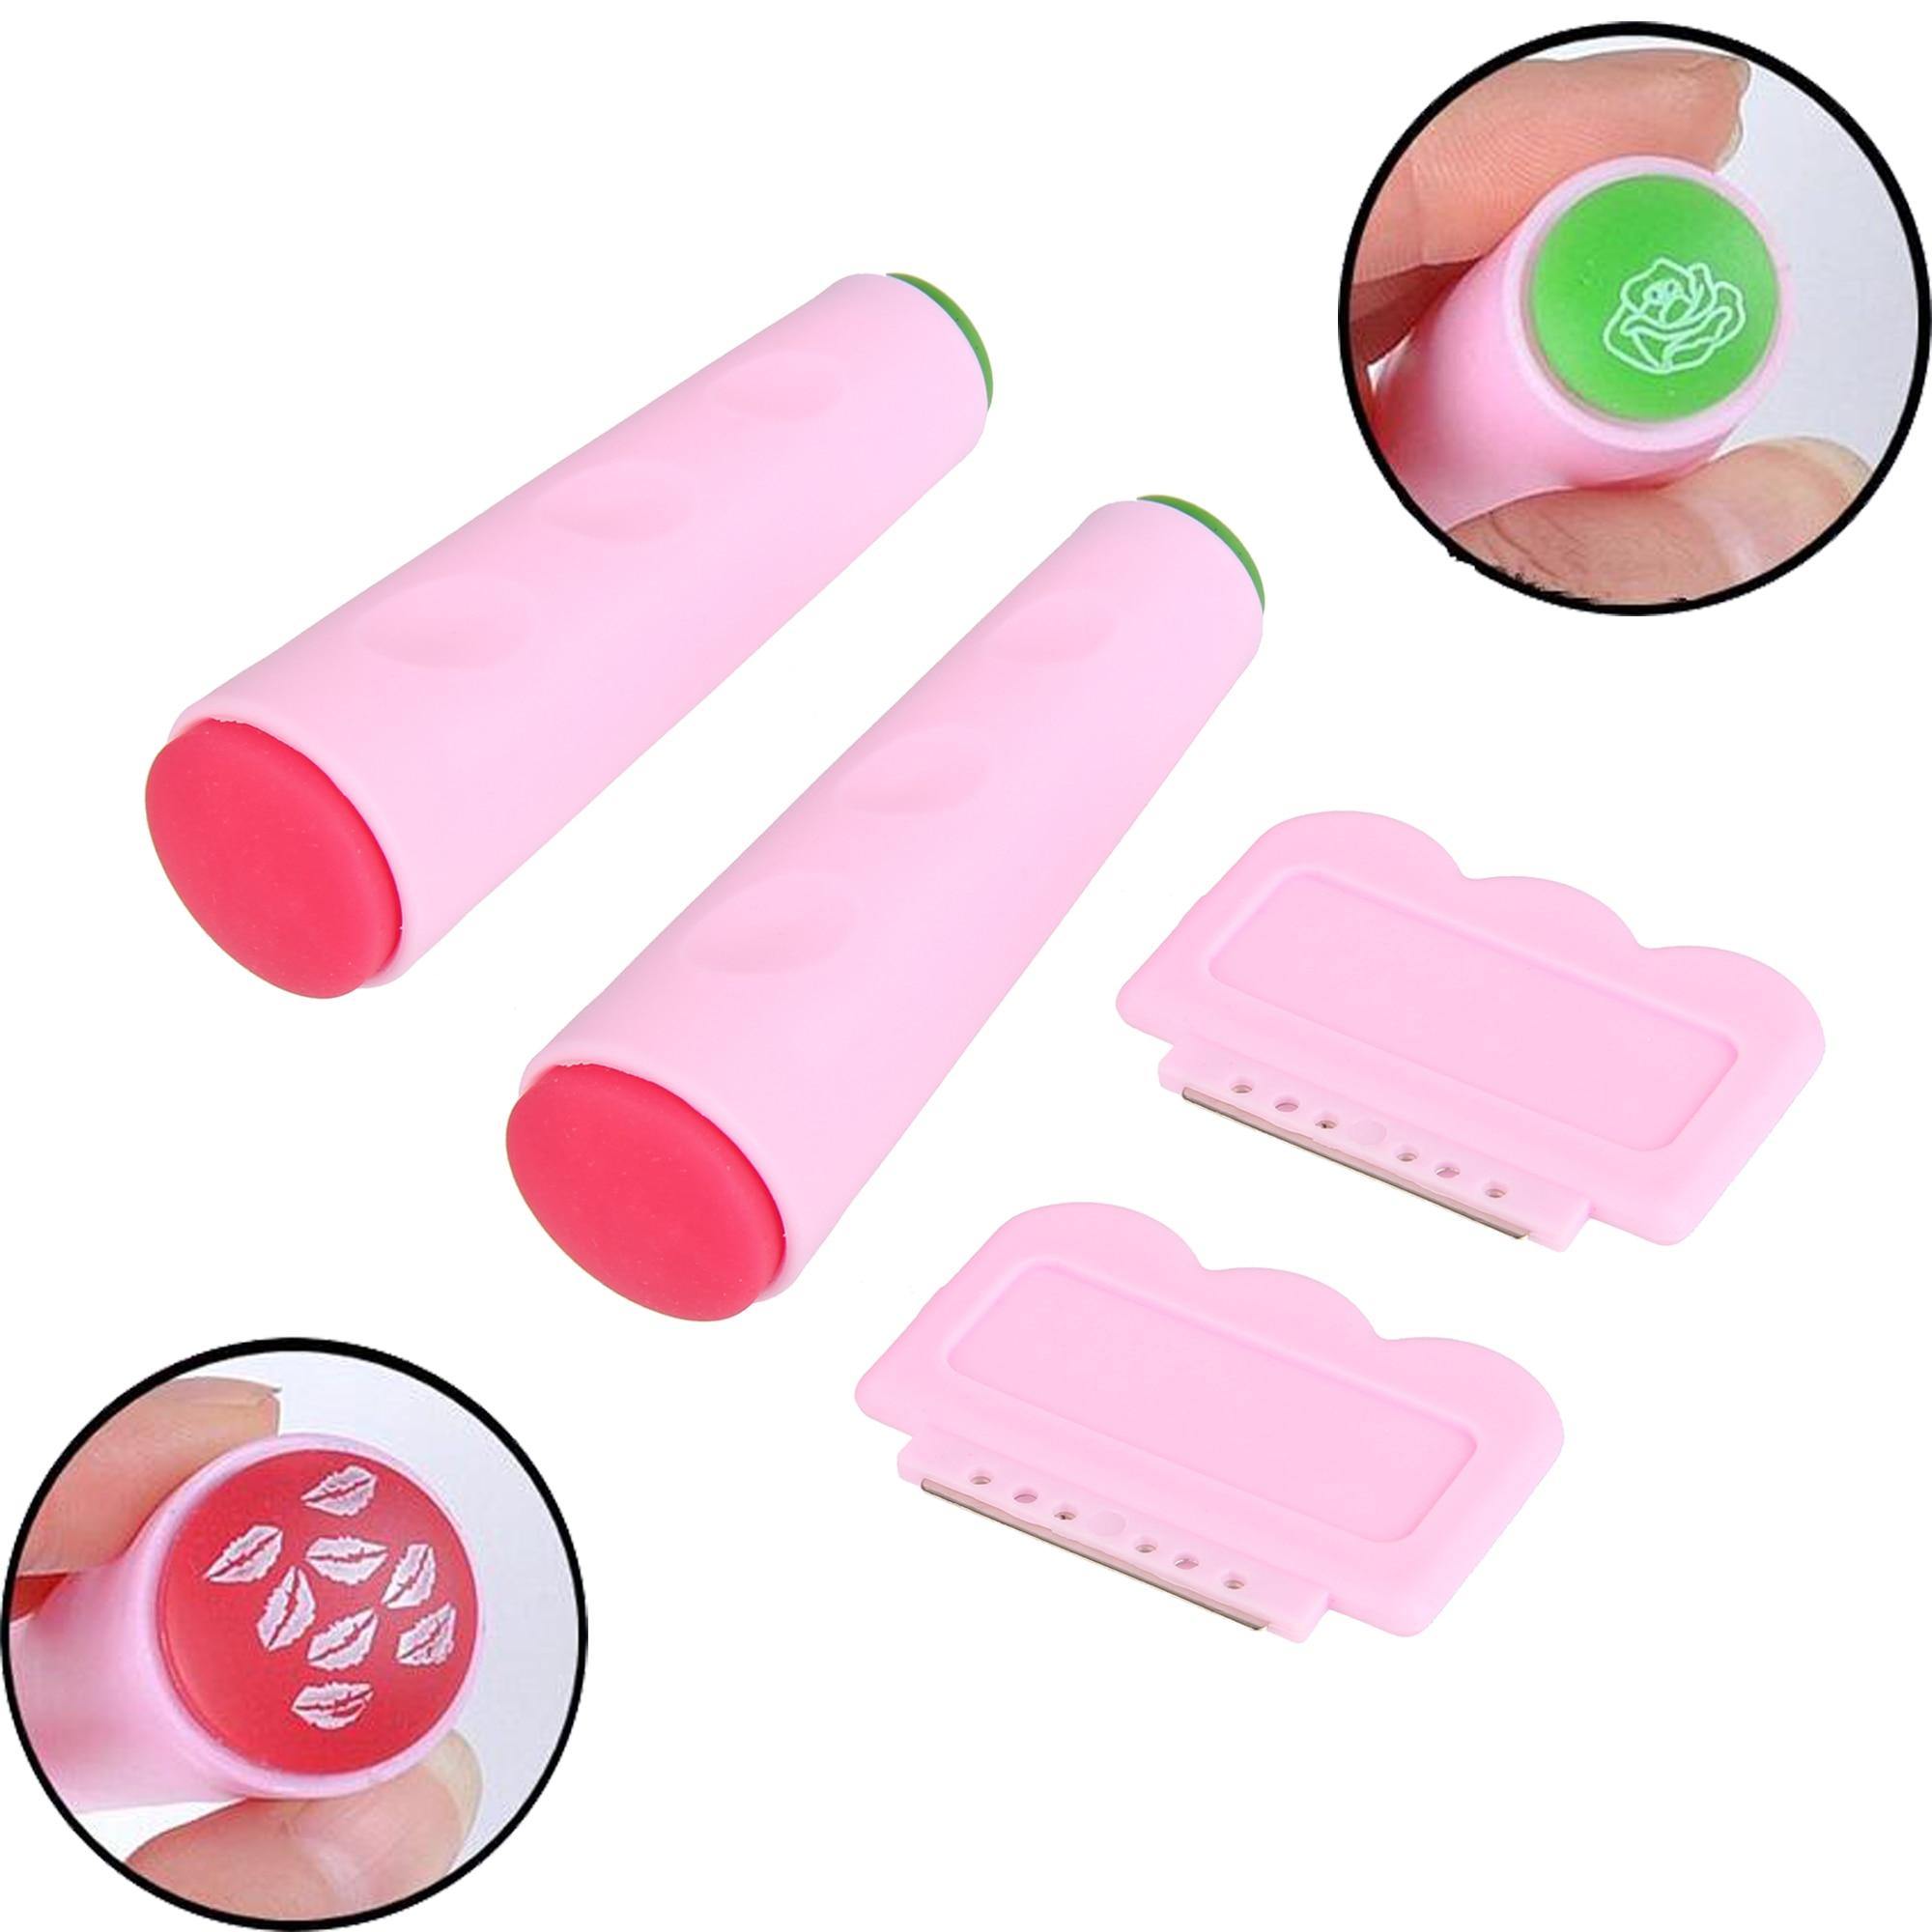 BEAUTY7 1 Set de manicura DIY plantillas de uñas sello raspador de transferencia de sello de plancha para arte de uñas decoración Placa de sellado